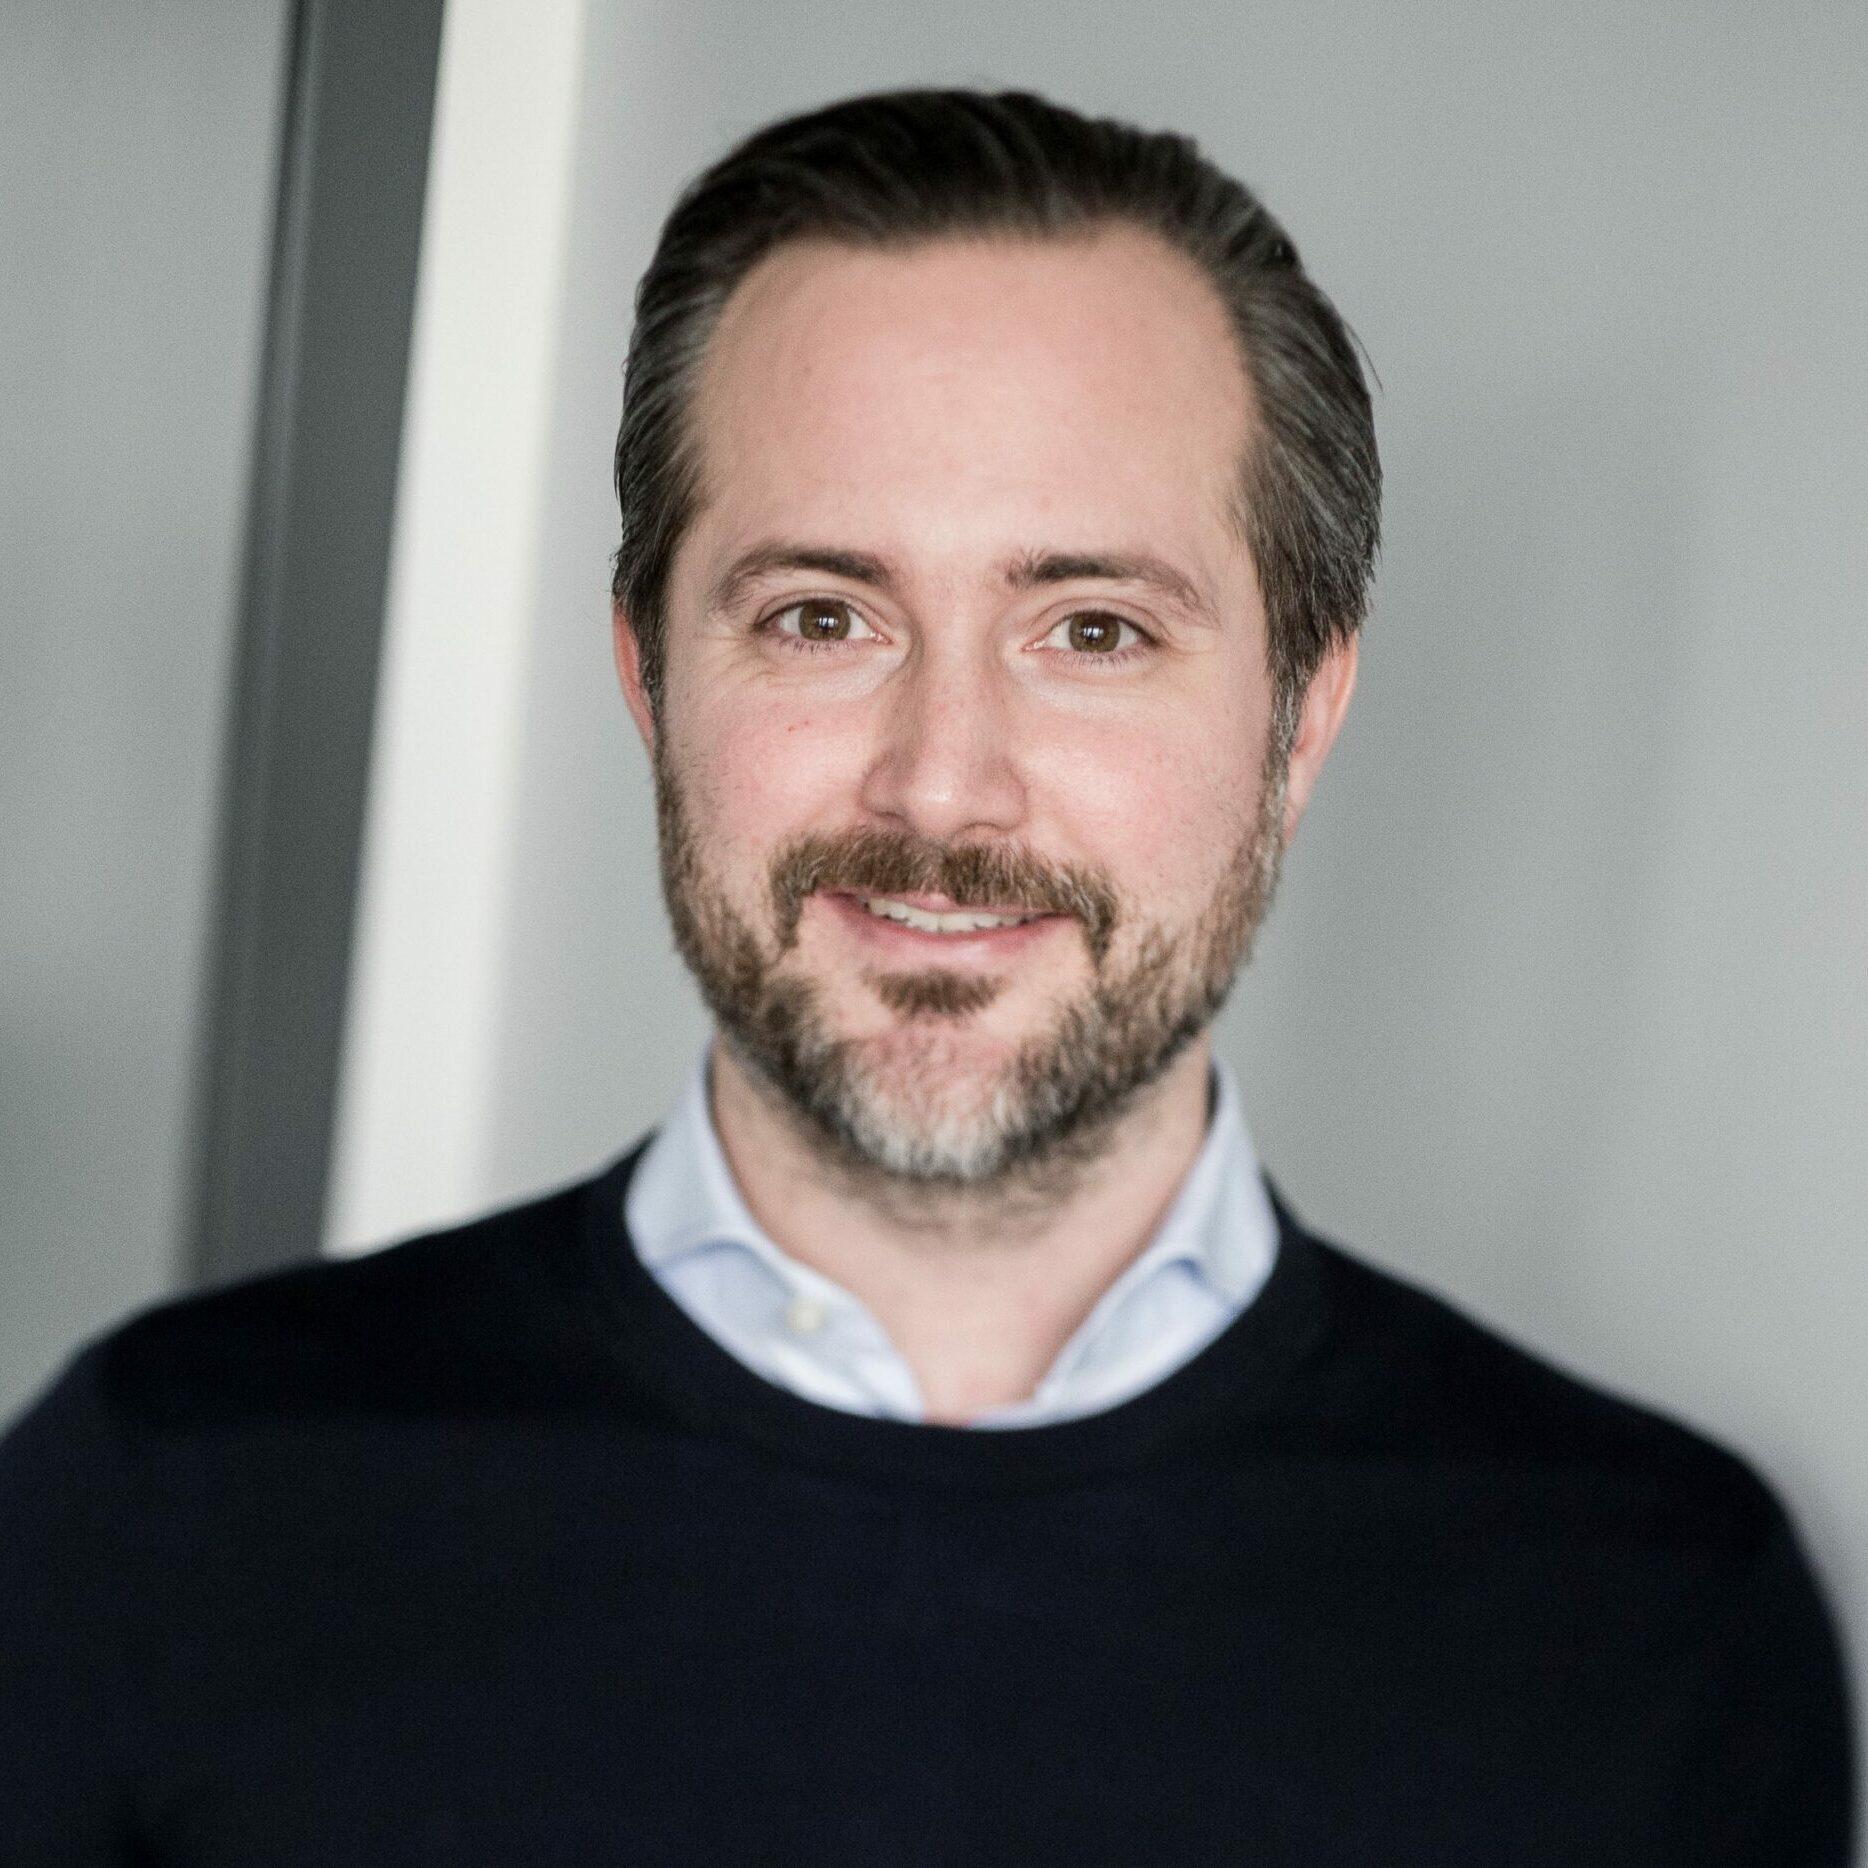 Daniel Bischoff